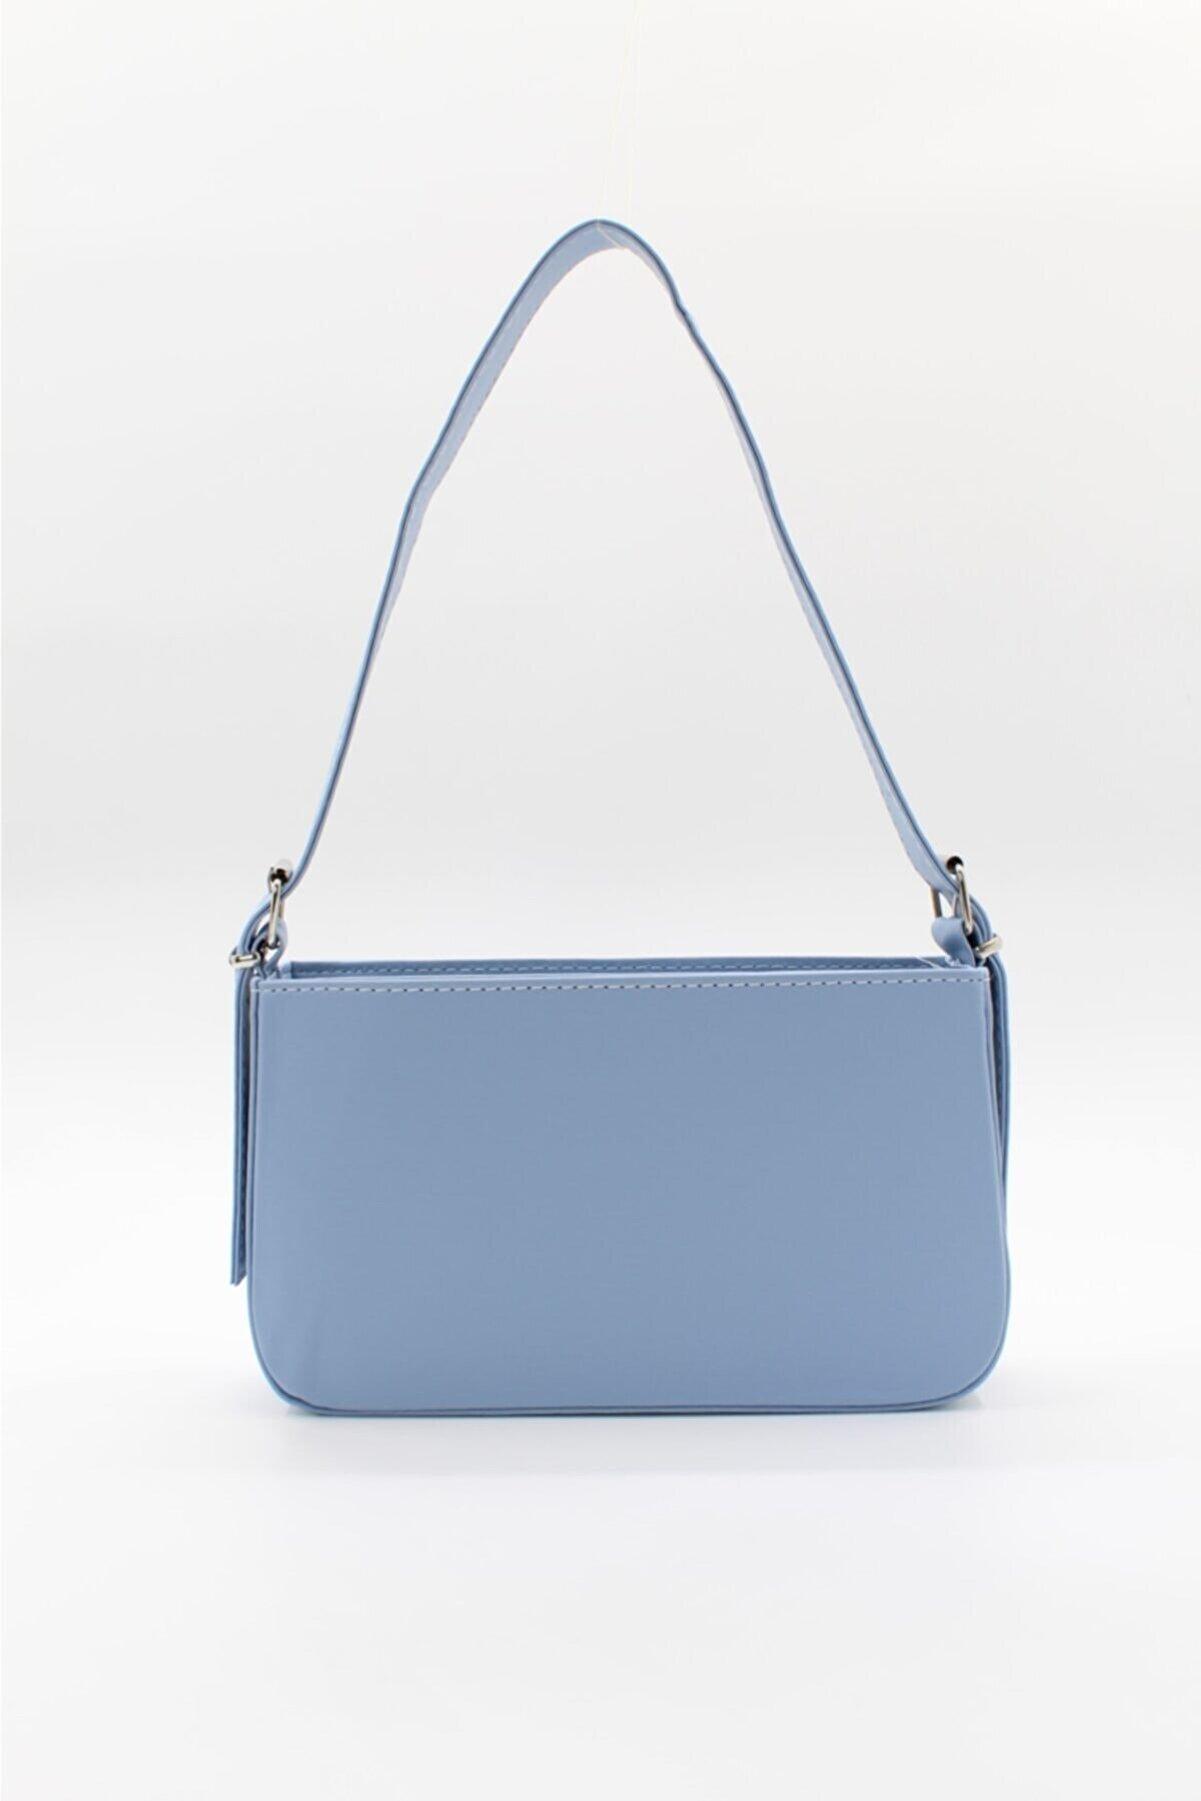 roma italy Kadın Fermuarlı Baget Çanta Açık Mavi